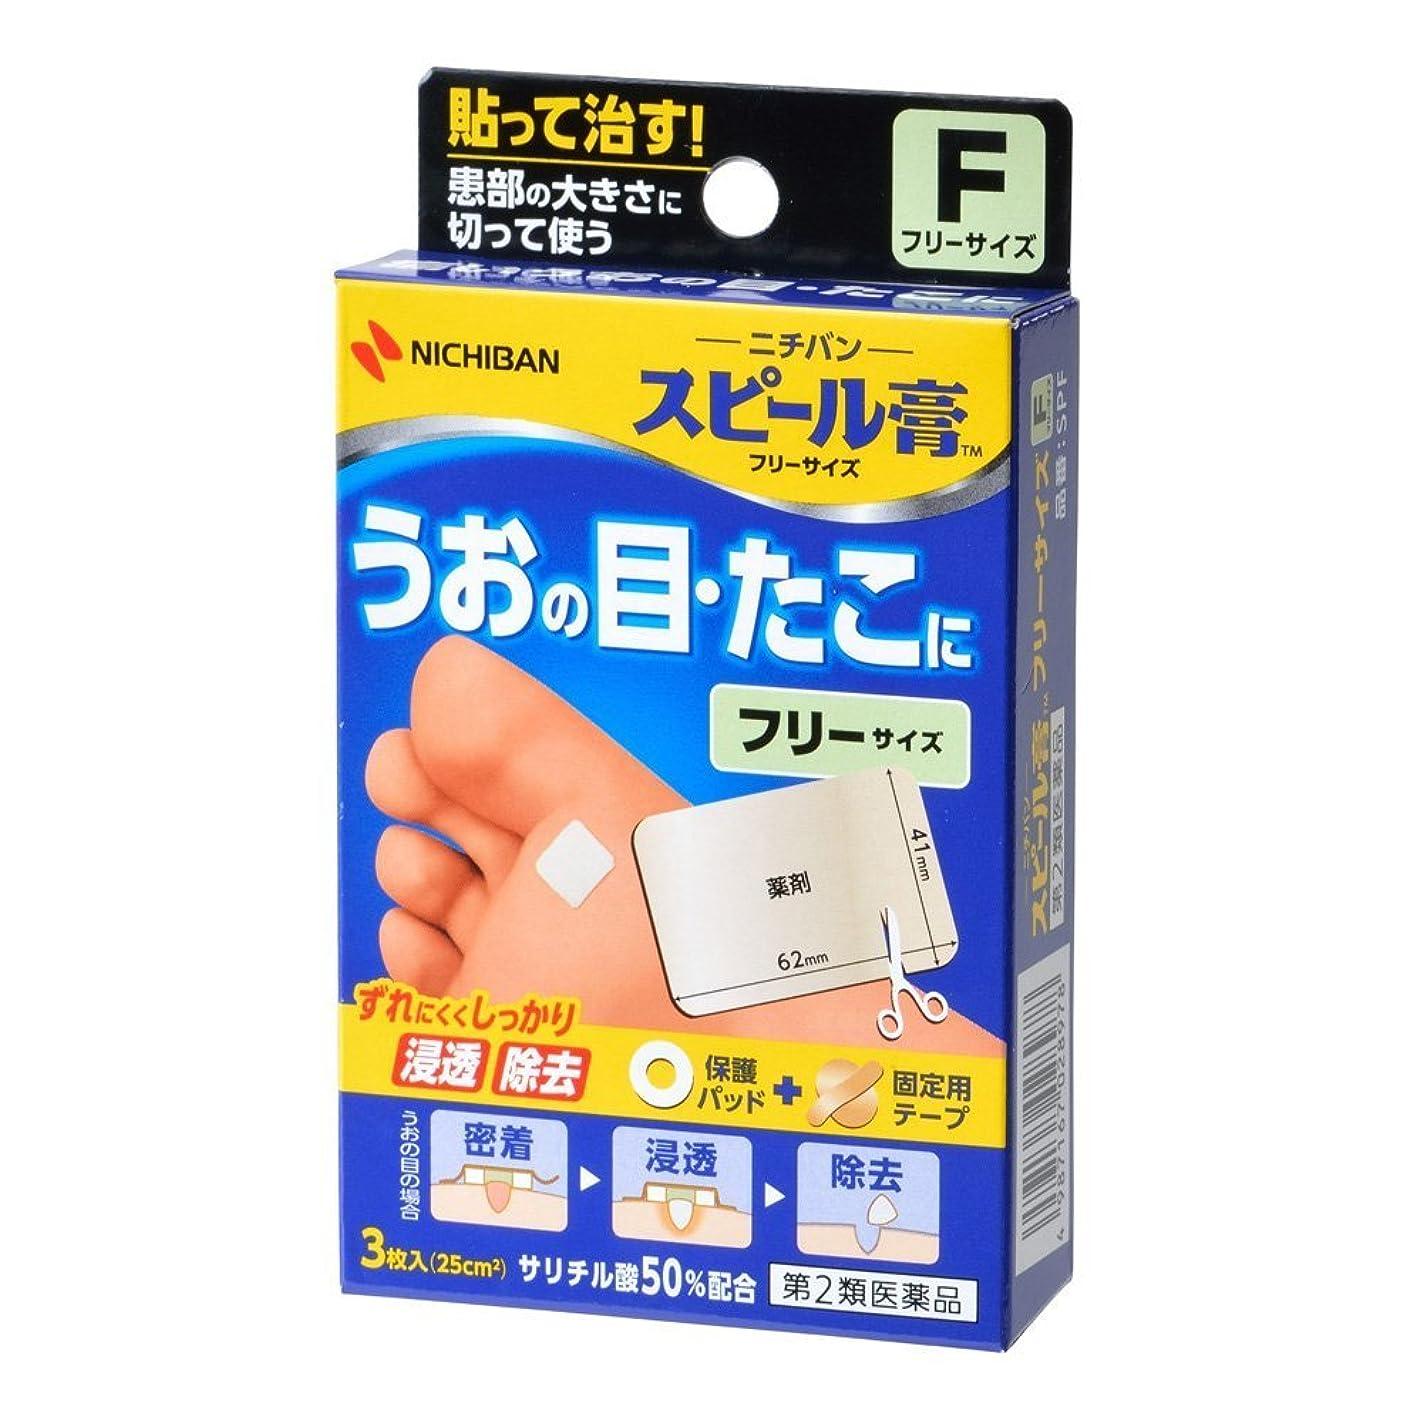 個人的なしたい民間【ニチバン】スピール膏CX Sサイズ 8枚入 SPJ8S 【指定医薬部外品】 ×3個セット